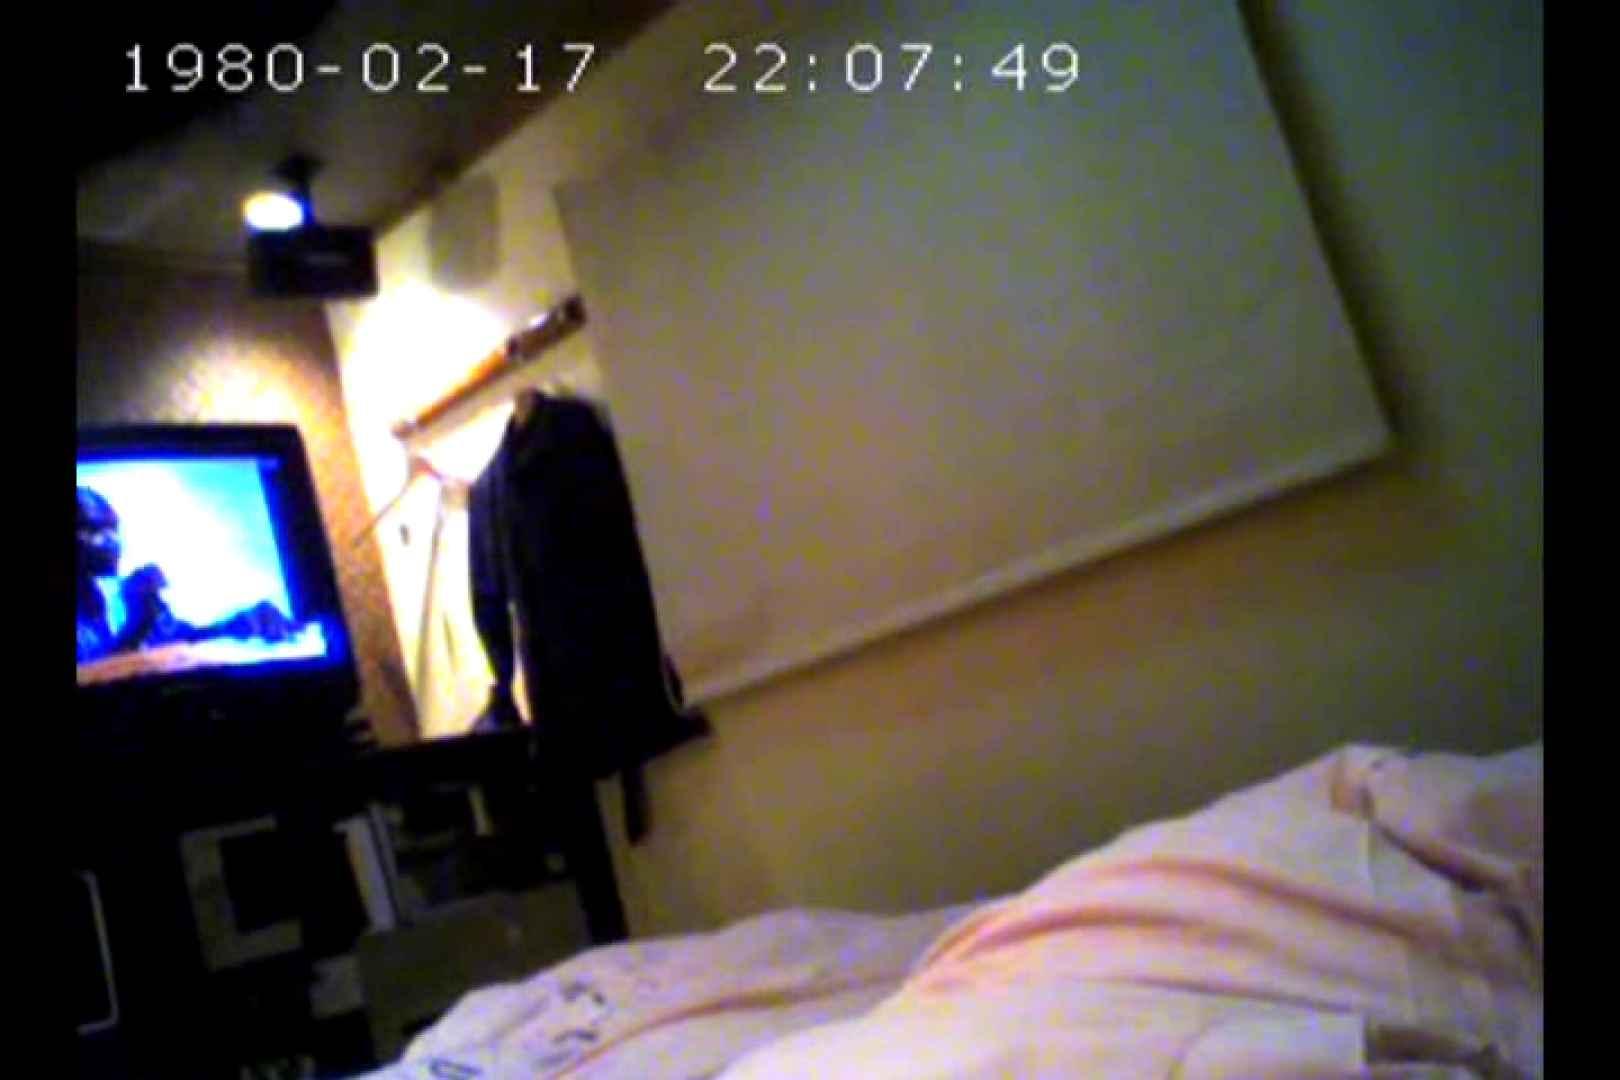 ハメられた女達 vol.04 セックスエロ動画 | ホテルでエッチ  105PIX 43